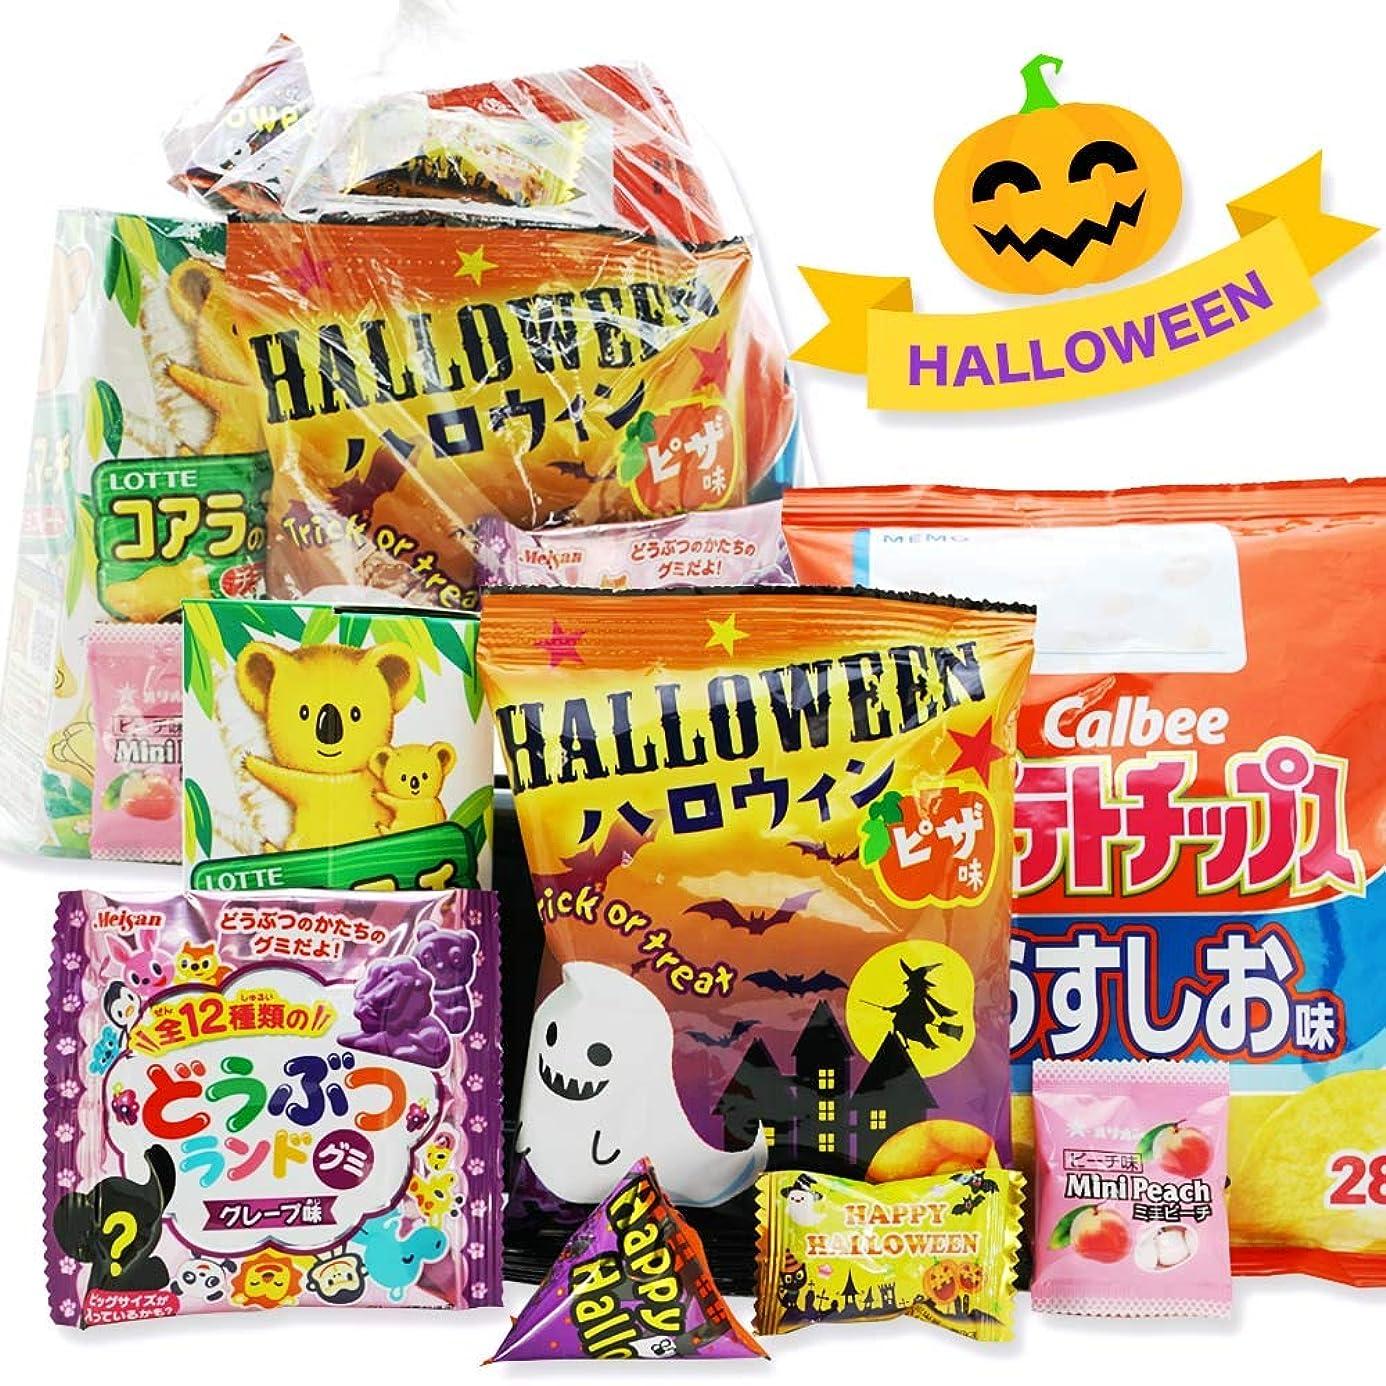 取るに足らない準備実験的ハロウィン限定 300円 お菓子 袋 詰め合わせ セット【 全国、数量関係なく2個口以上でも追加の 送料無料 】